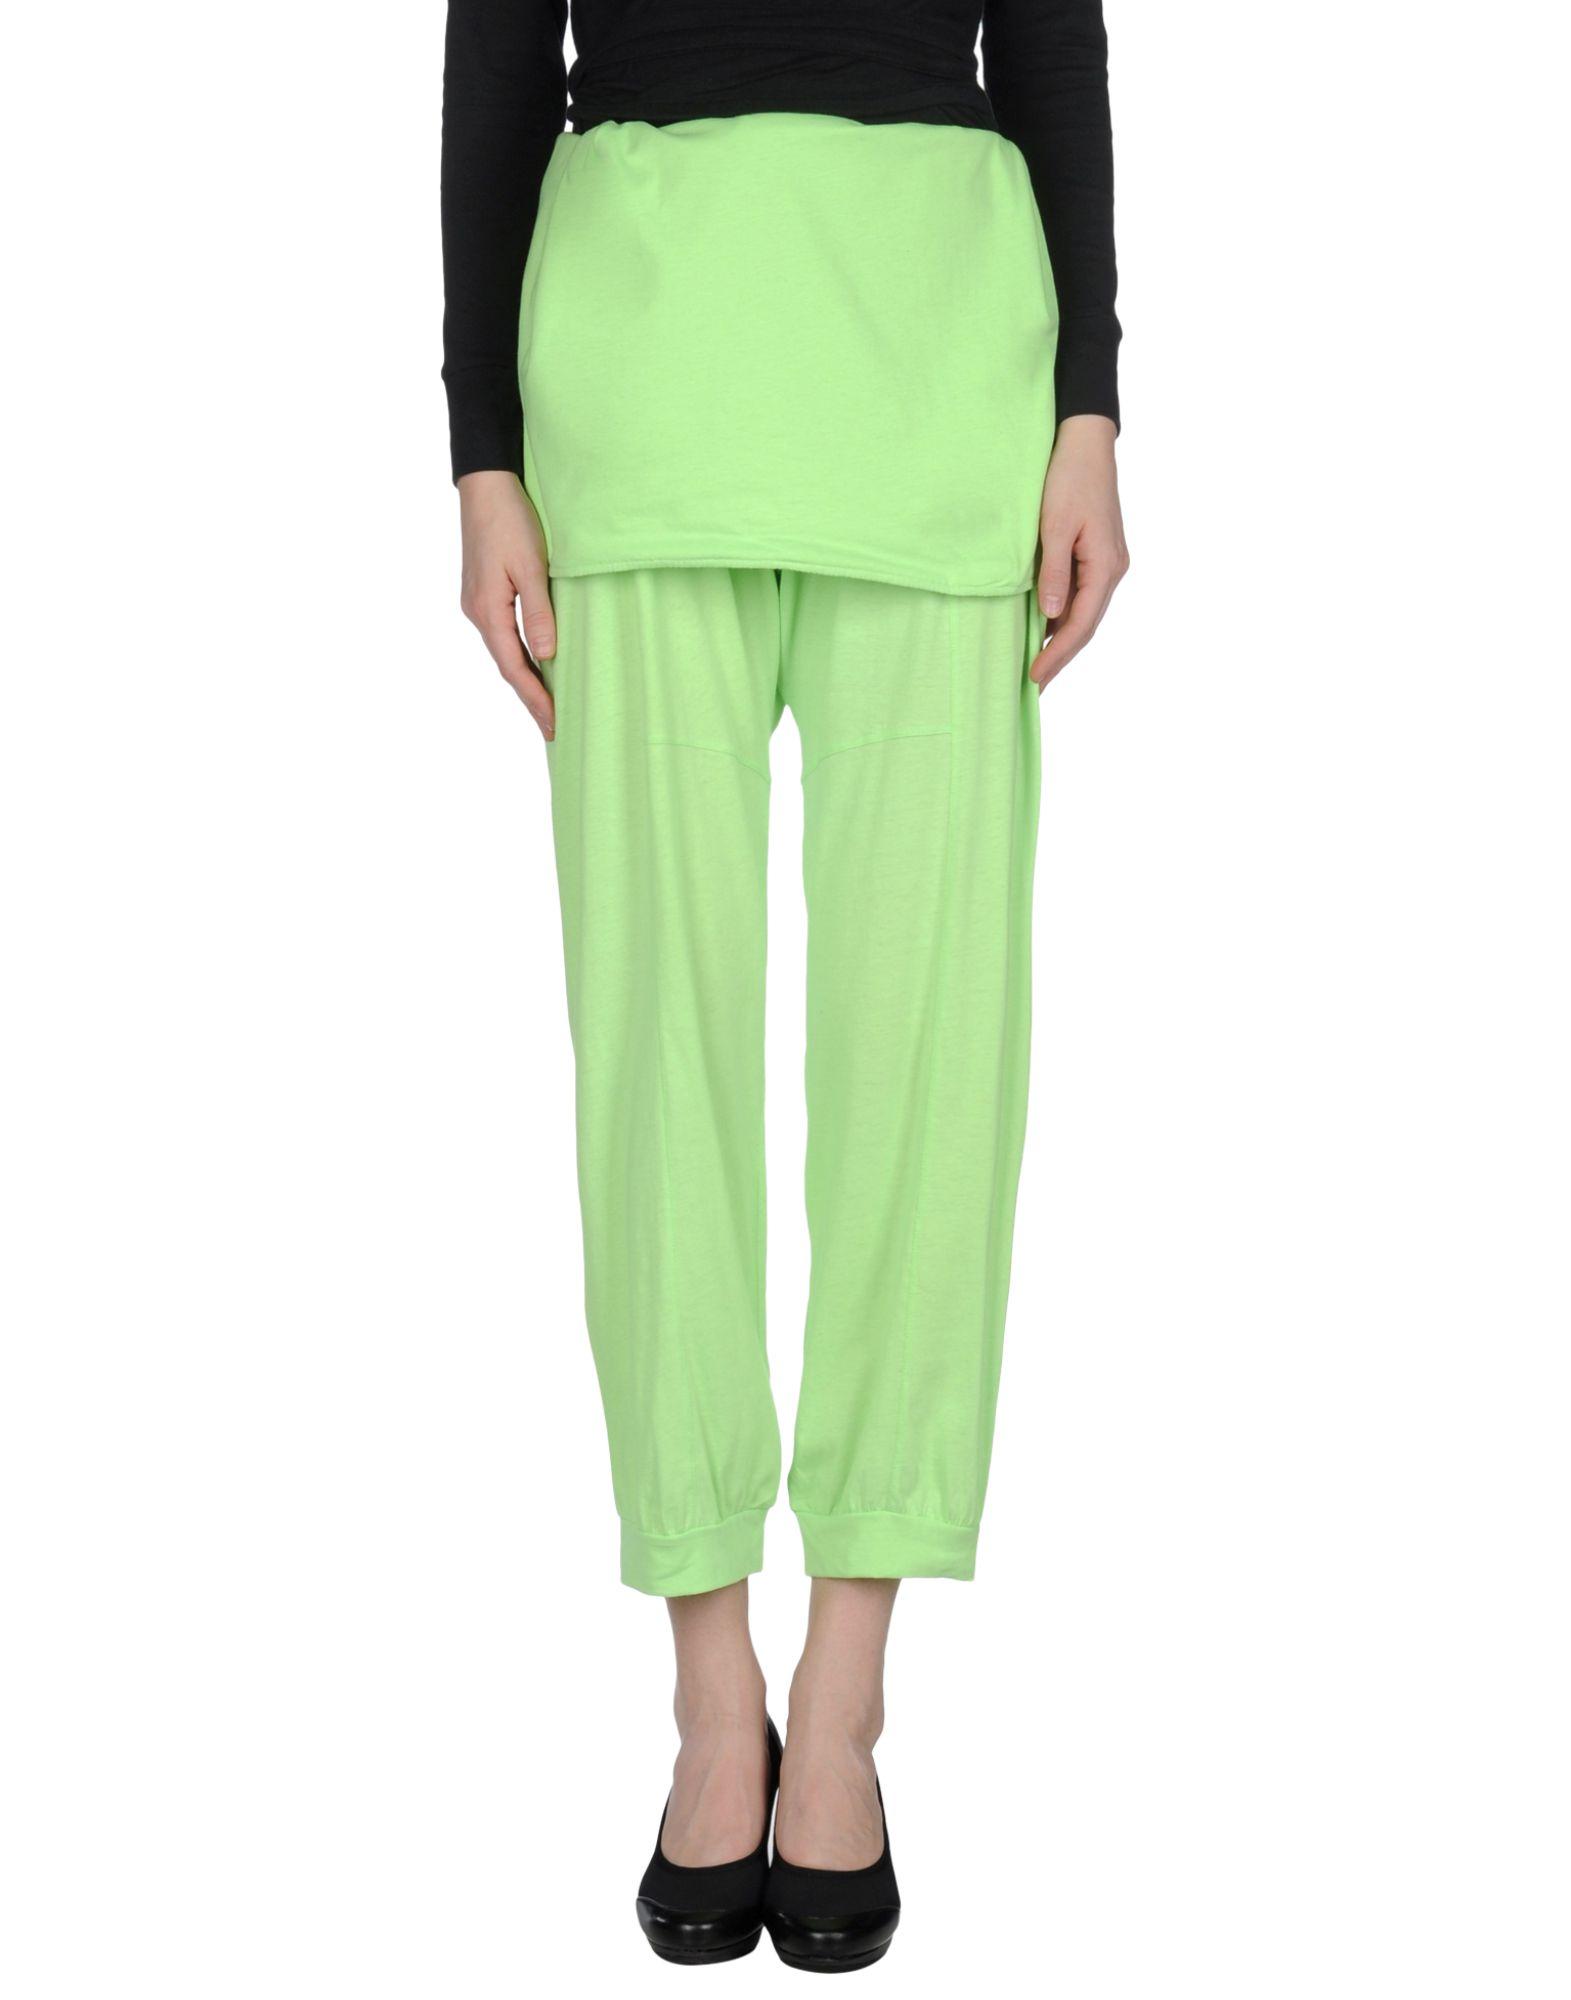 Model Womens Pants High Waist Pants Green Pants 1960s Pants Linen Pants Lin